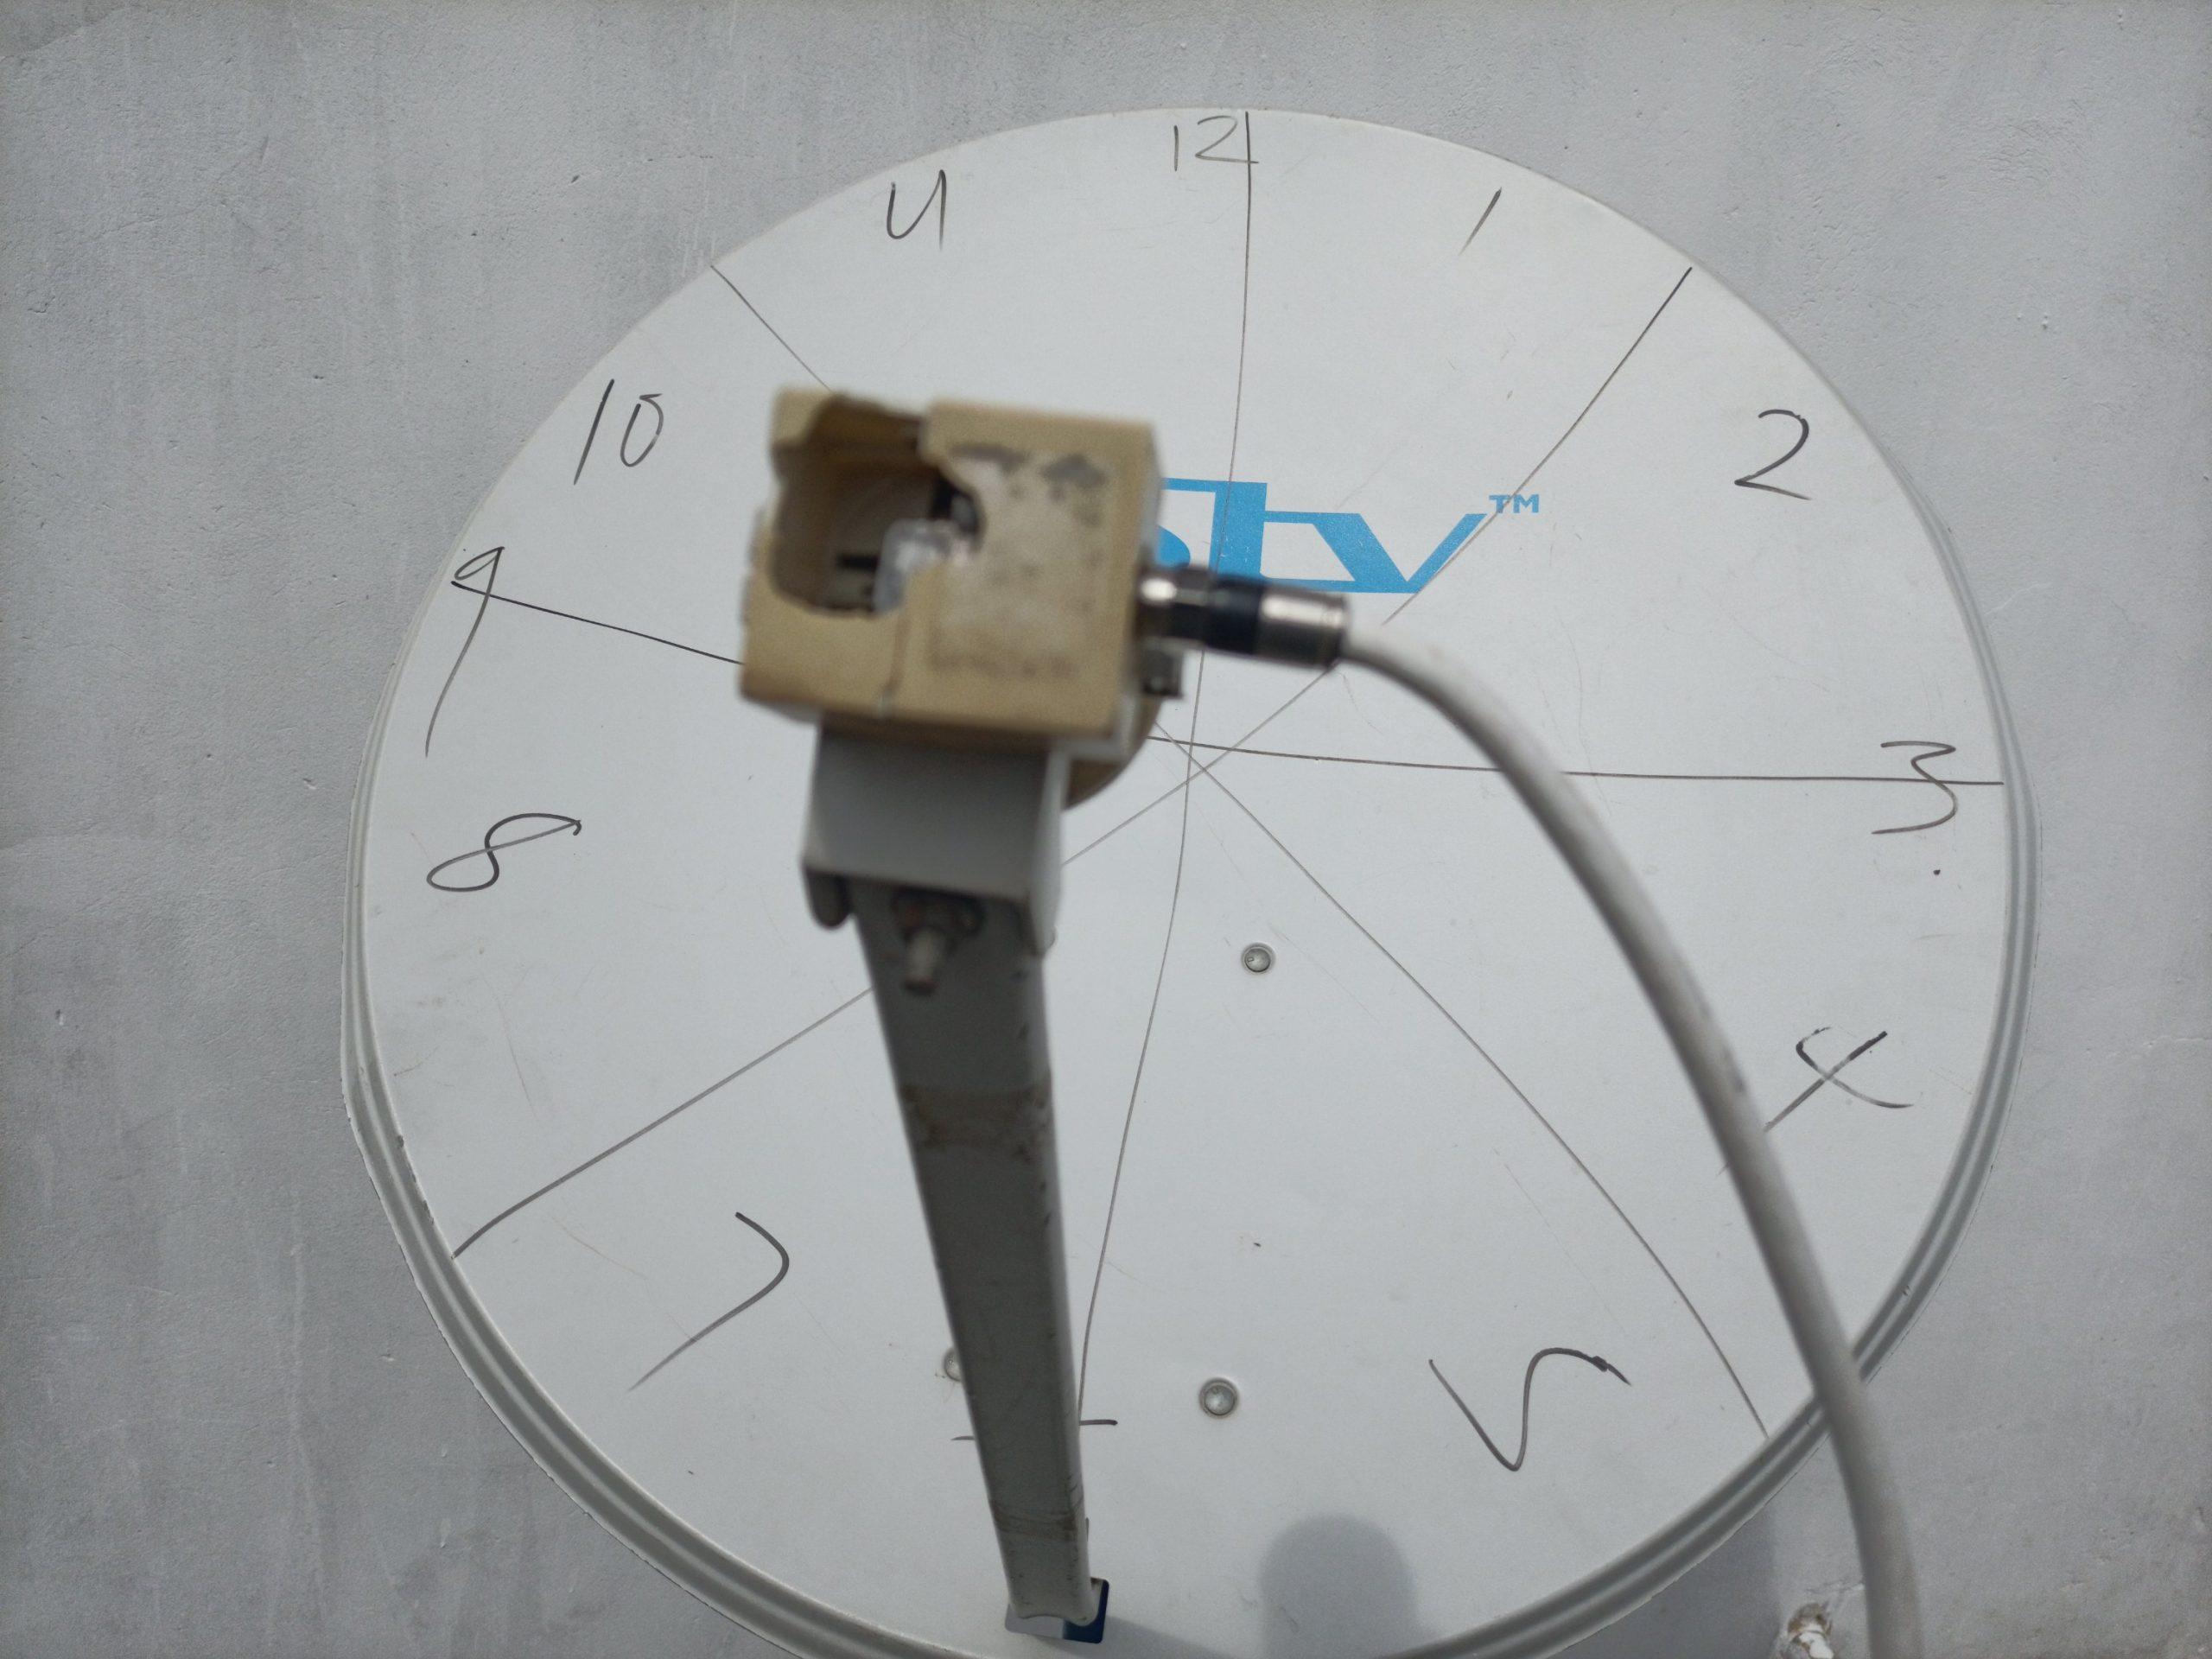 LNB skew 3 o'clock